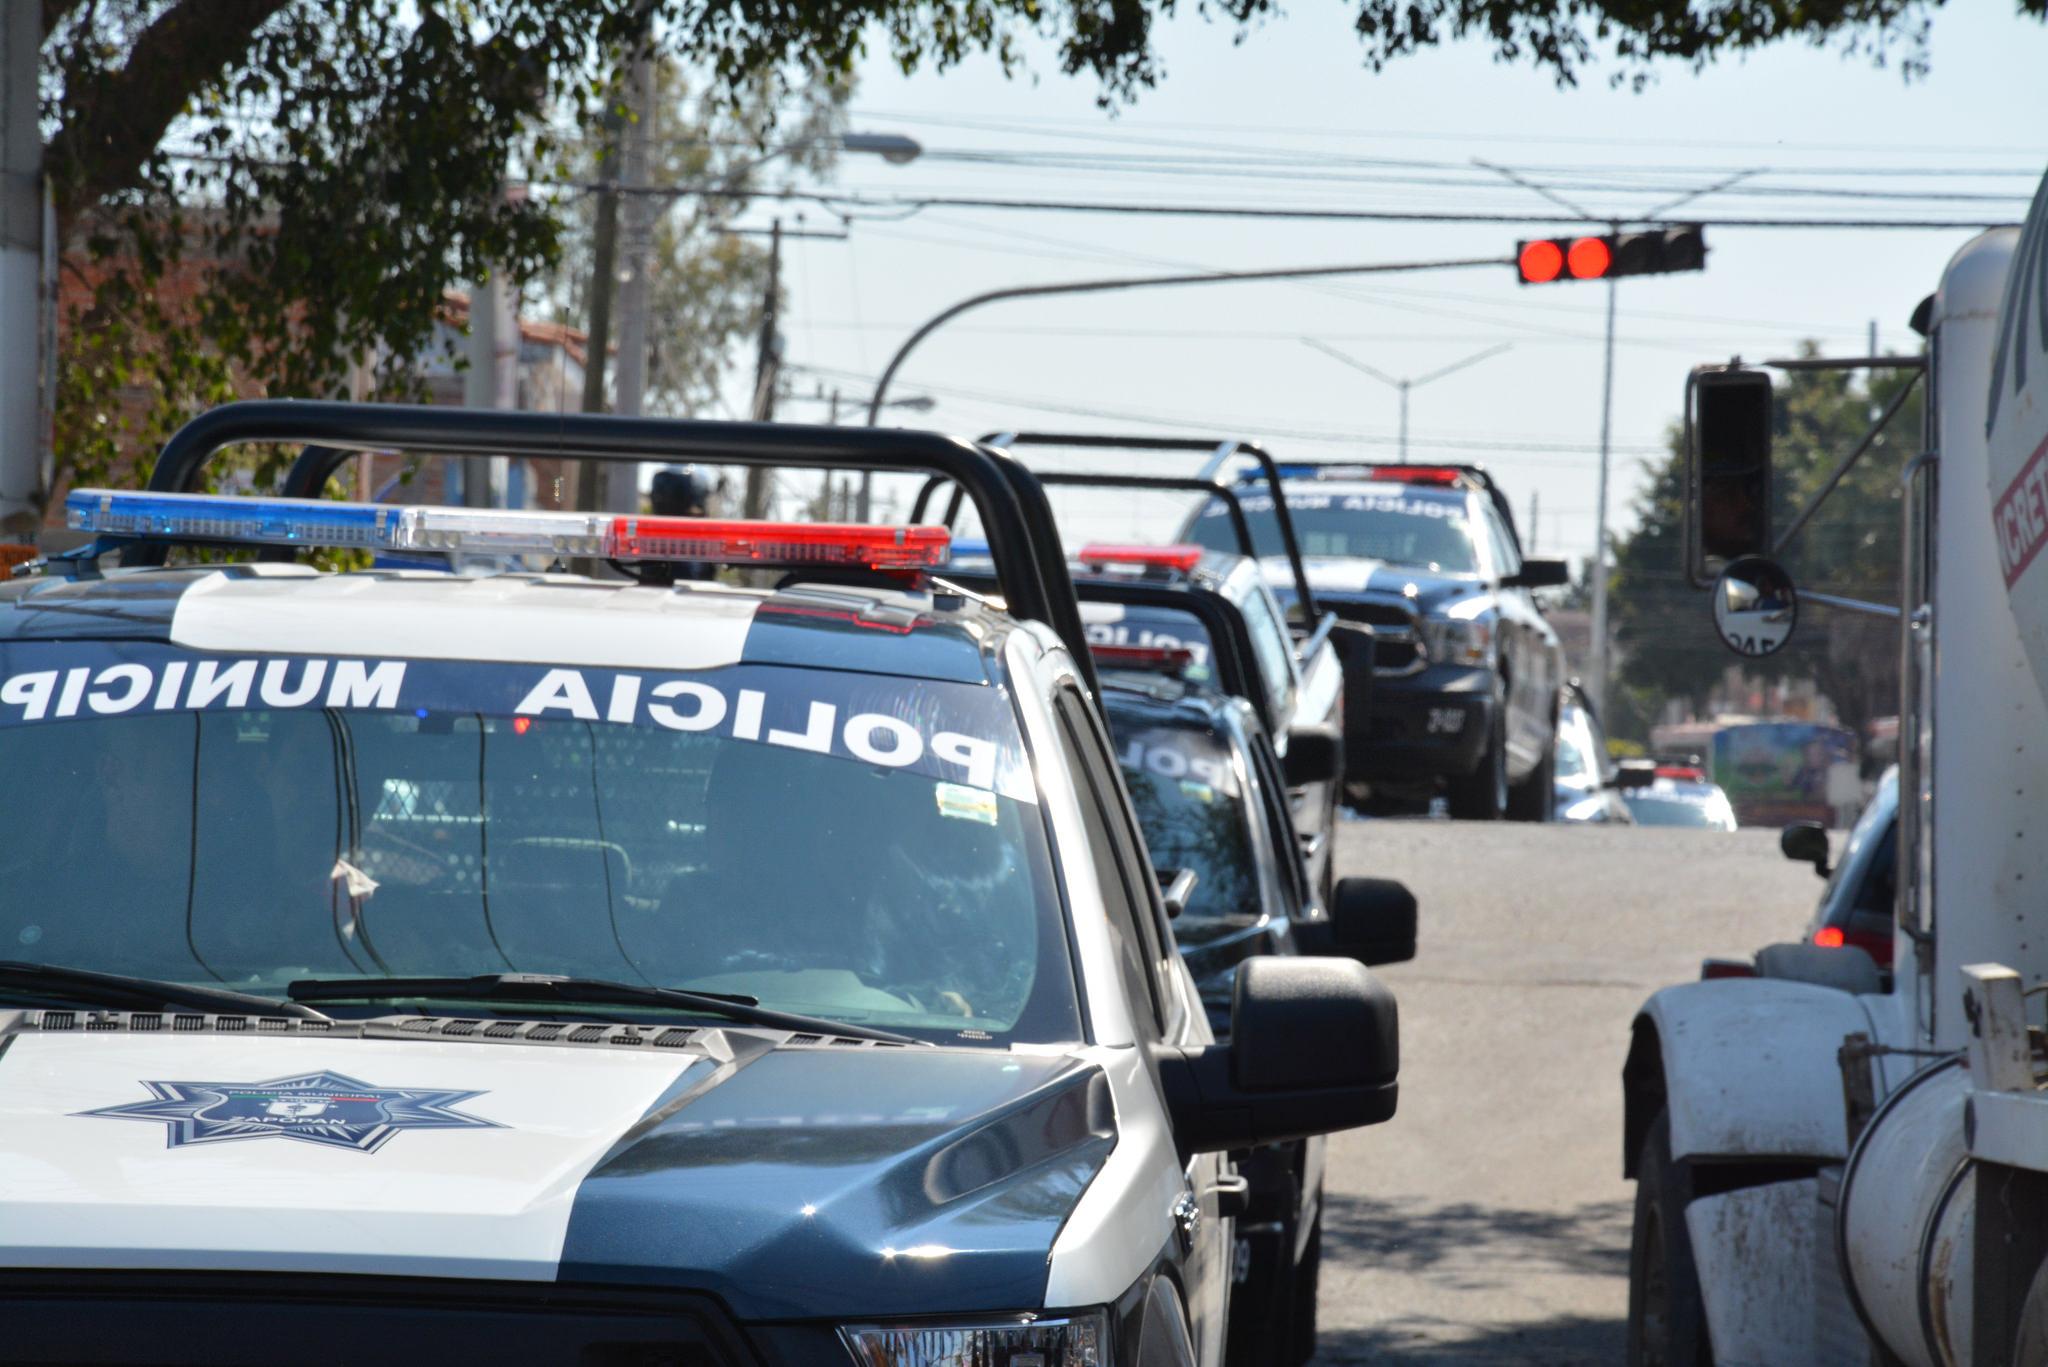 Zapopan realiza la tercera entrega de unidades para fortalecer el patrullaje en el municipio